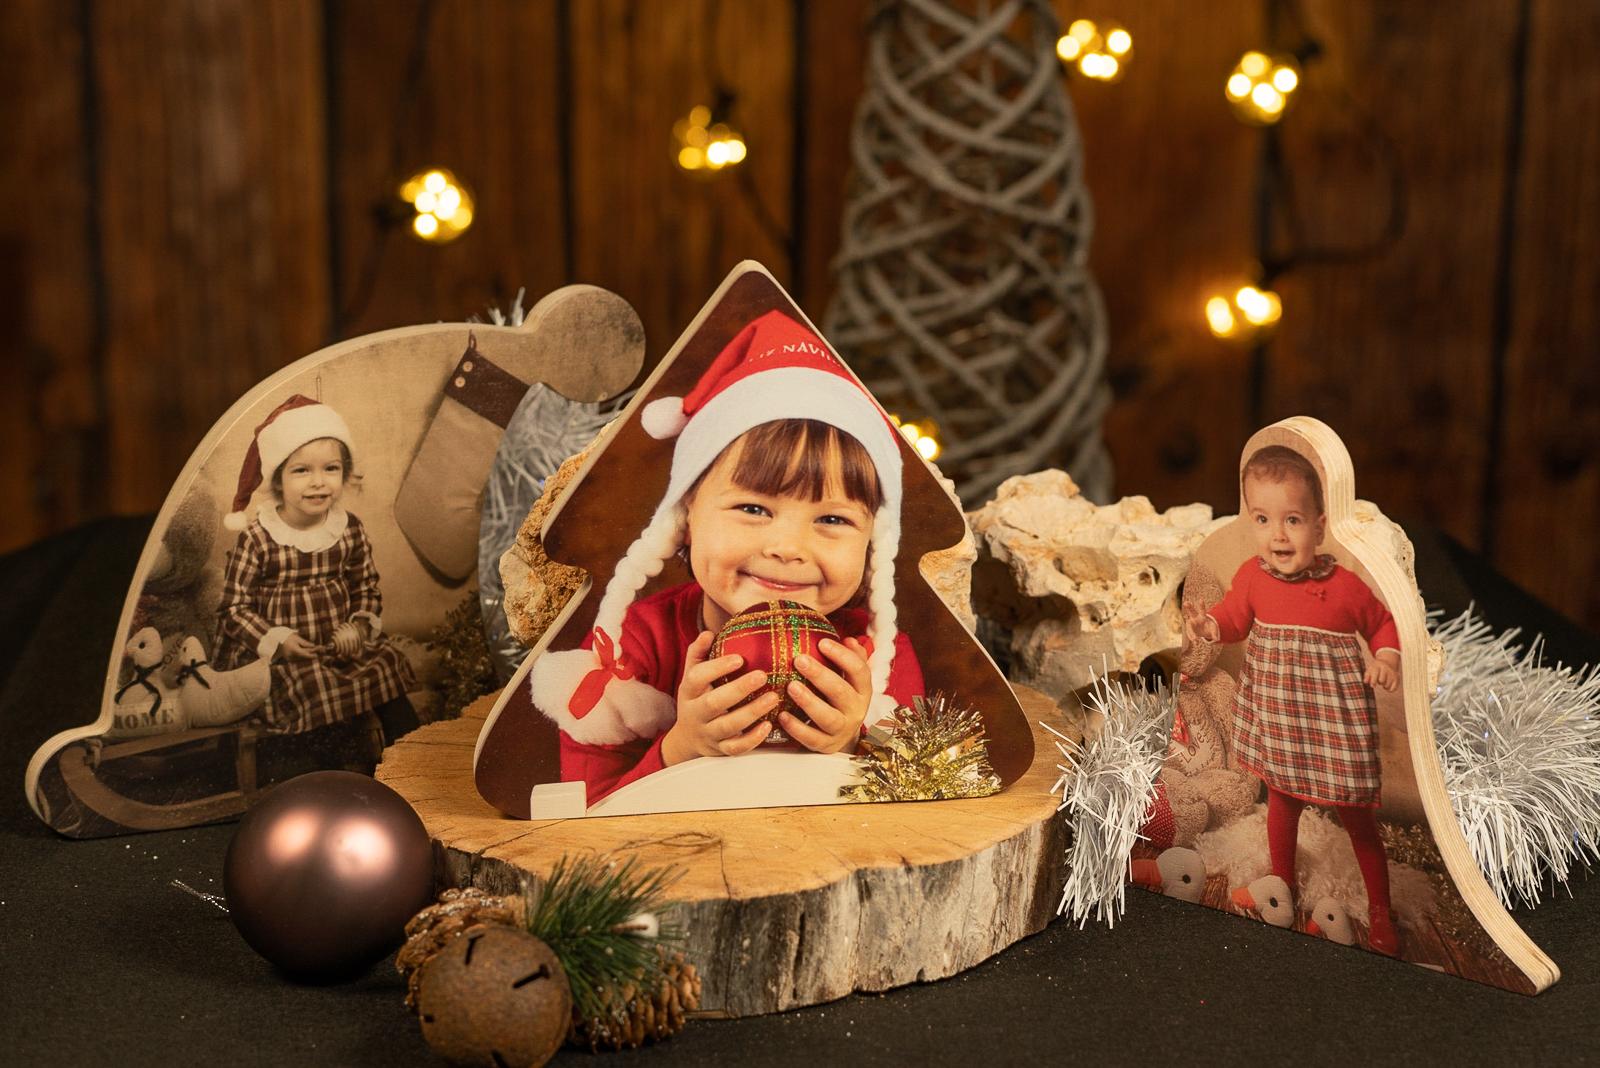 Sesiones Navidad 2020, Regalos Navidad, Tres Cantos, Colmenar Viejo, Alcobendas, Las Tablas, Sanchinarro